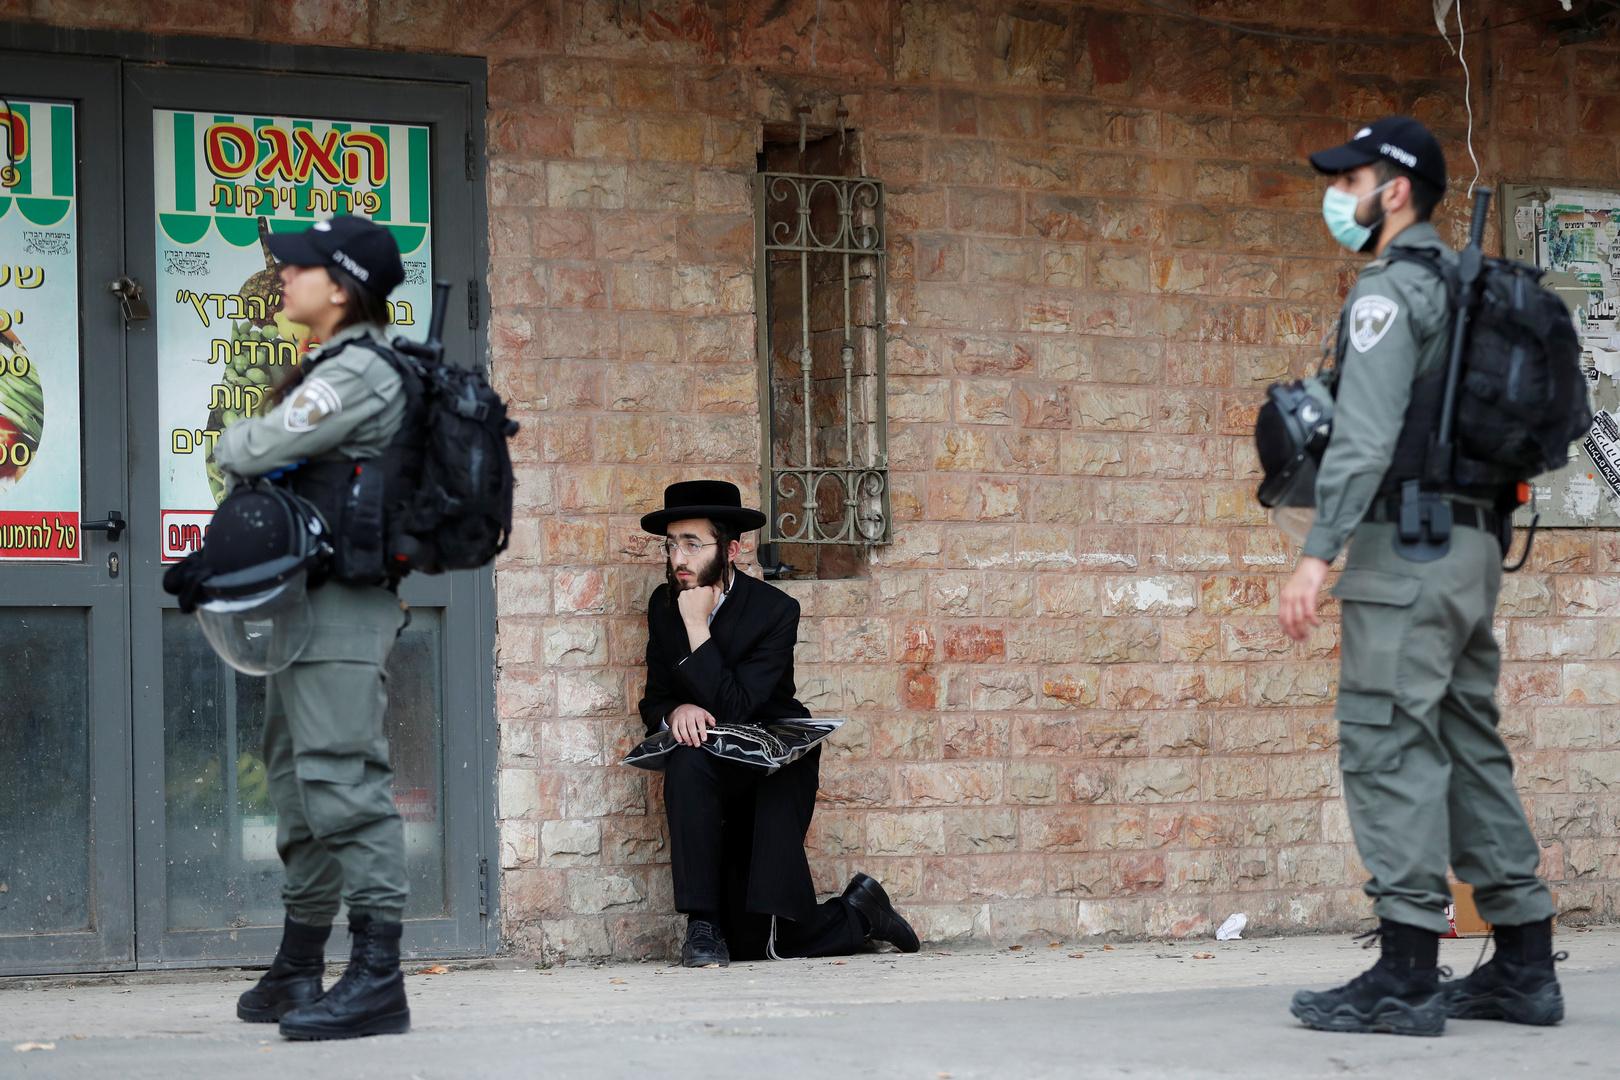 كورونا يشعل مواجهات بين الشرطة الإسرائيلية ومتدينين في القدس (فيديو)